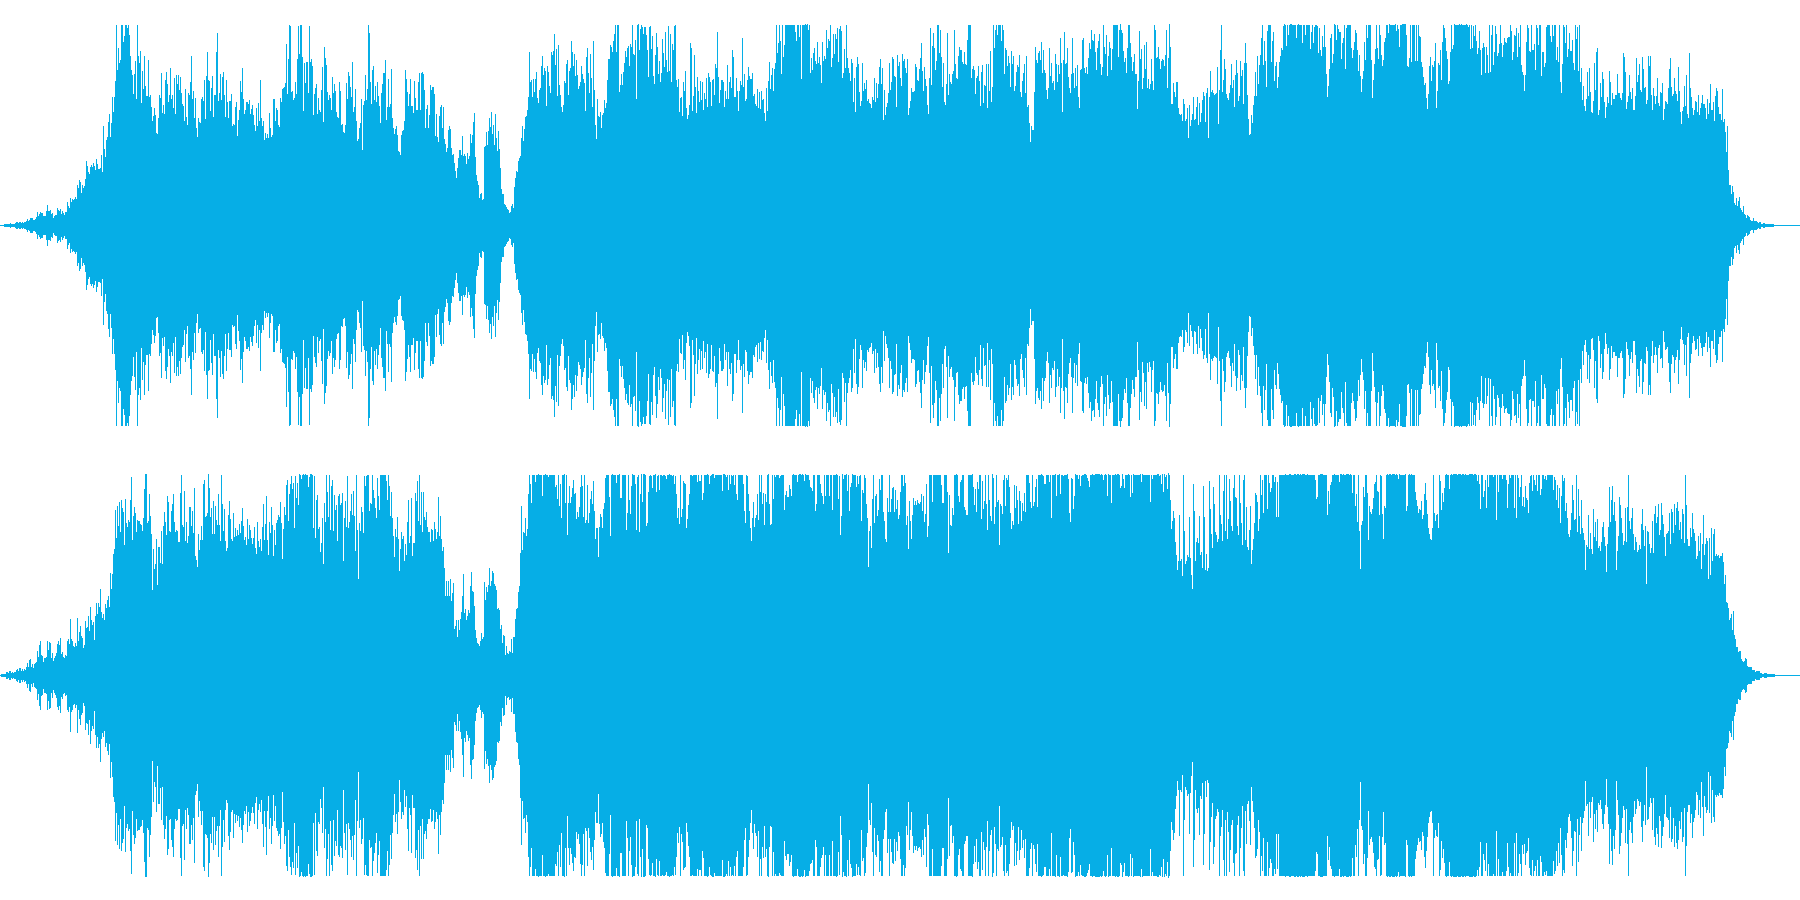 ダークファンタジーなオーケストラBGMの再生済みの波形